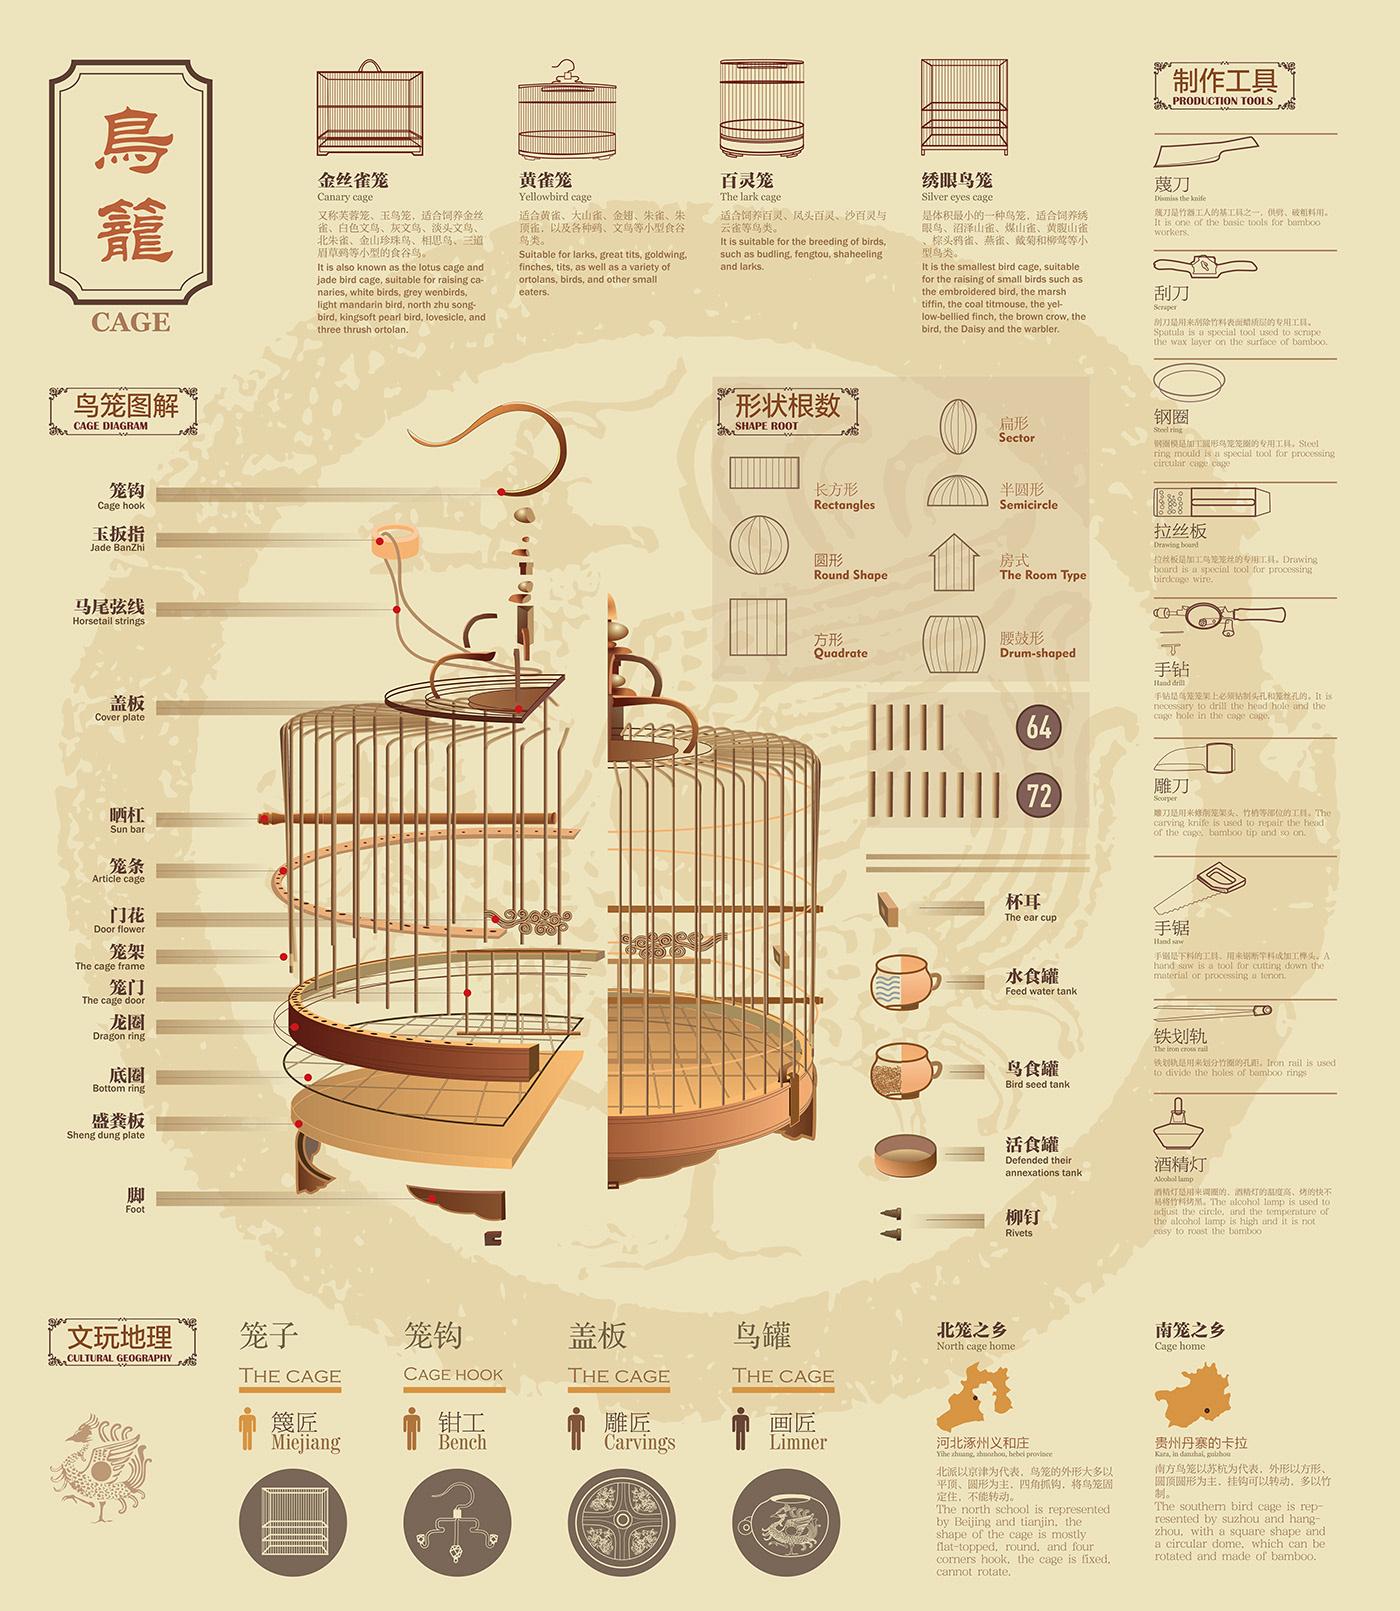 中国传统元素,鸟,鸟笼 笼子 信息图表,图形